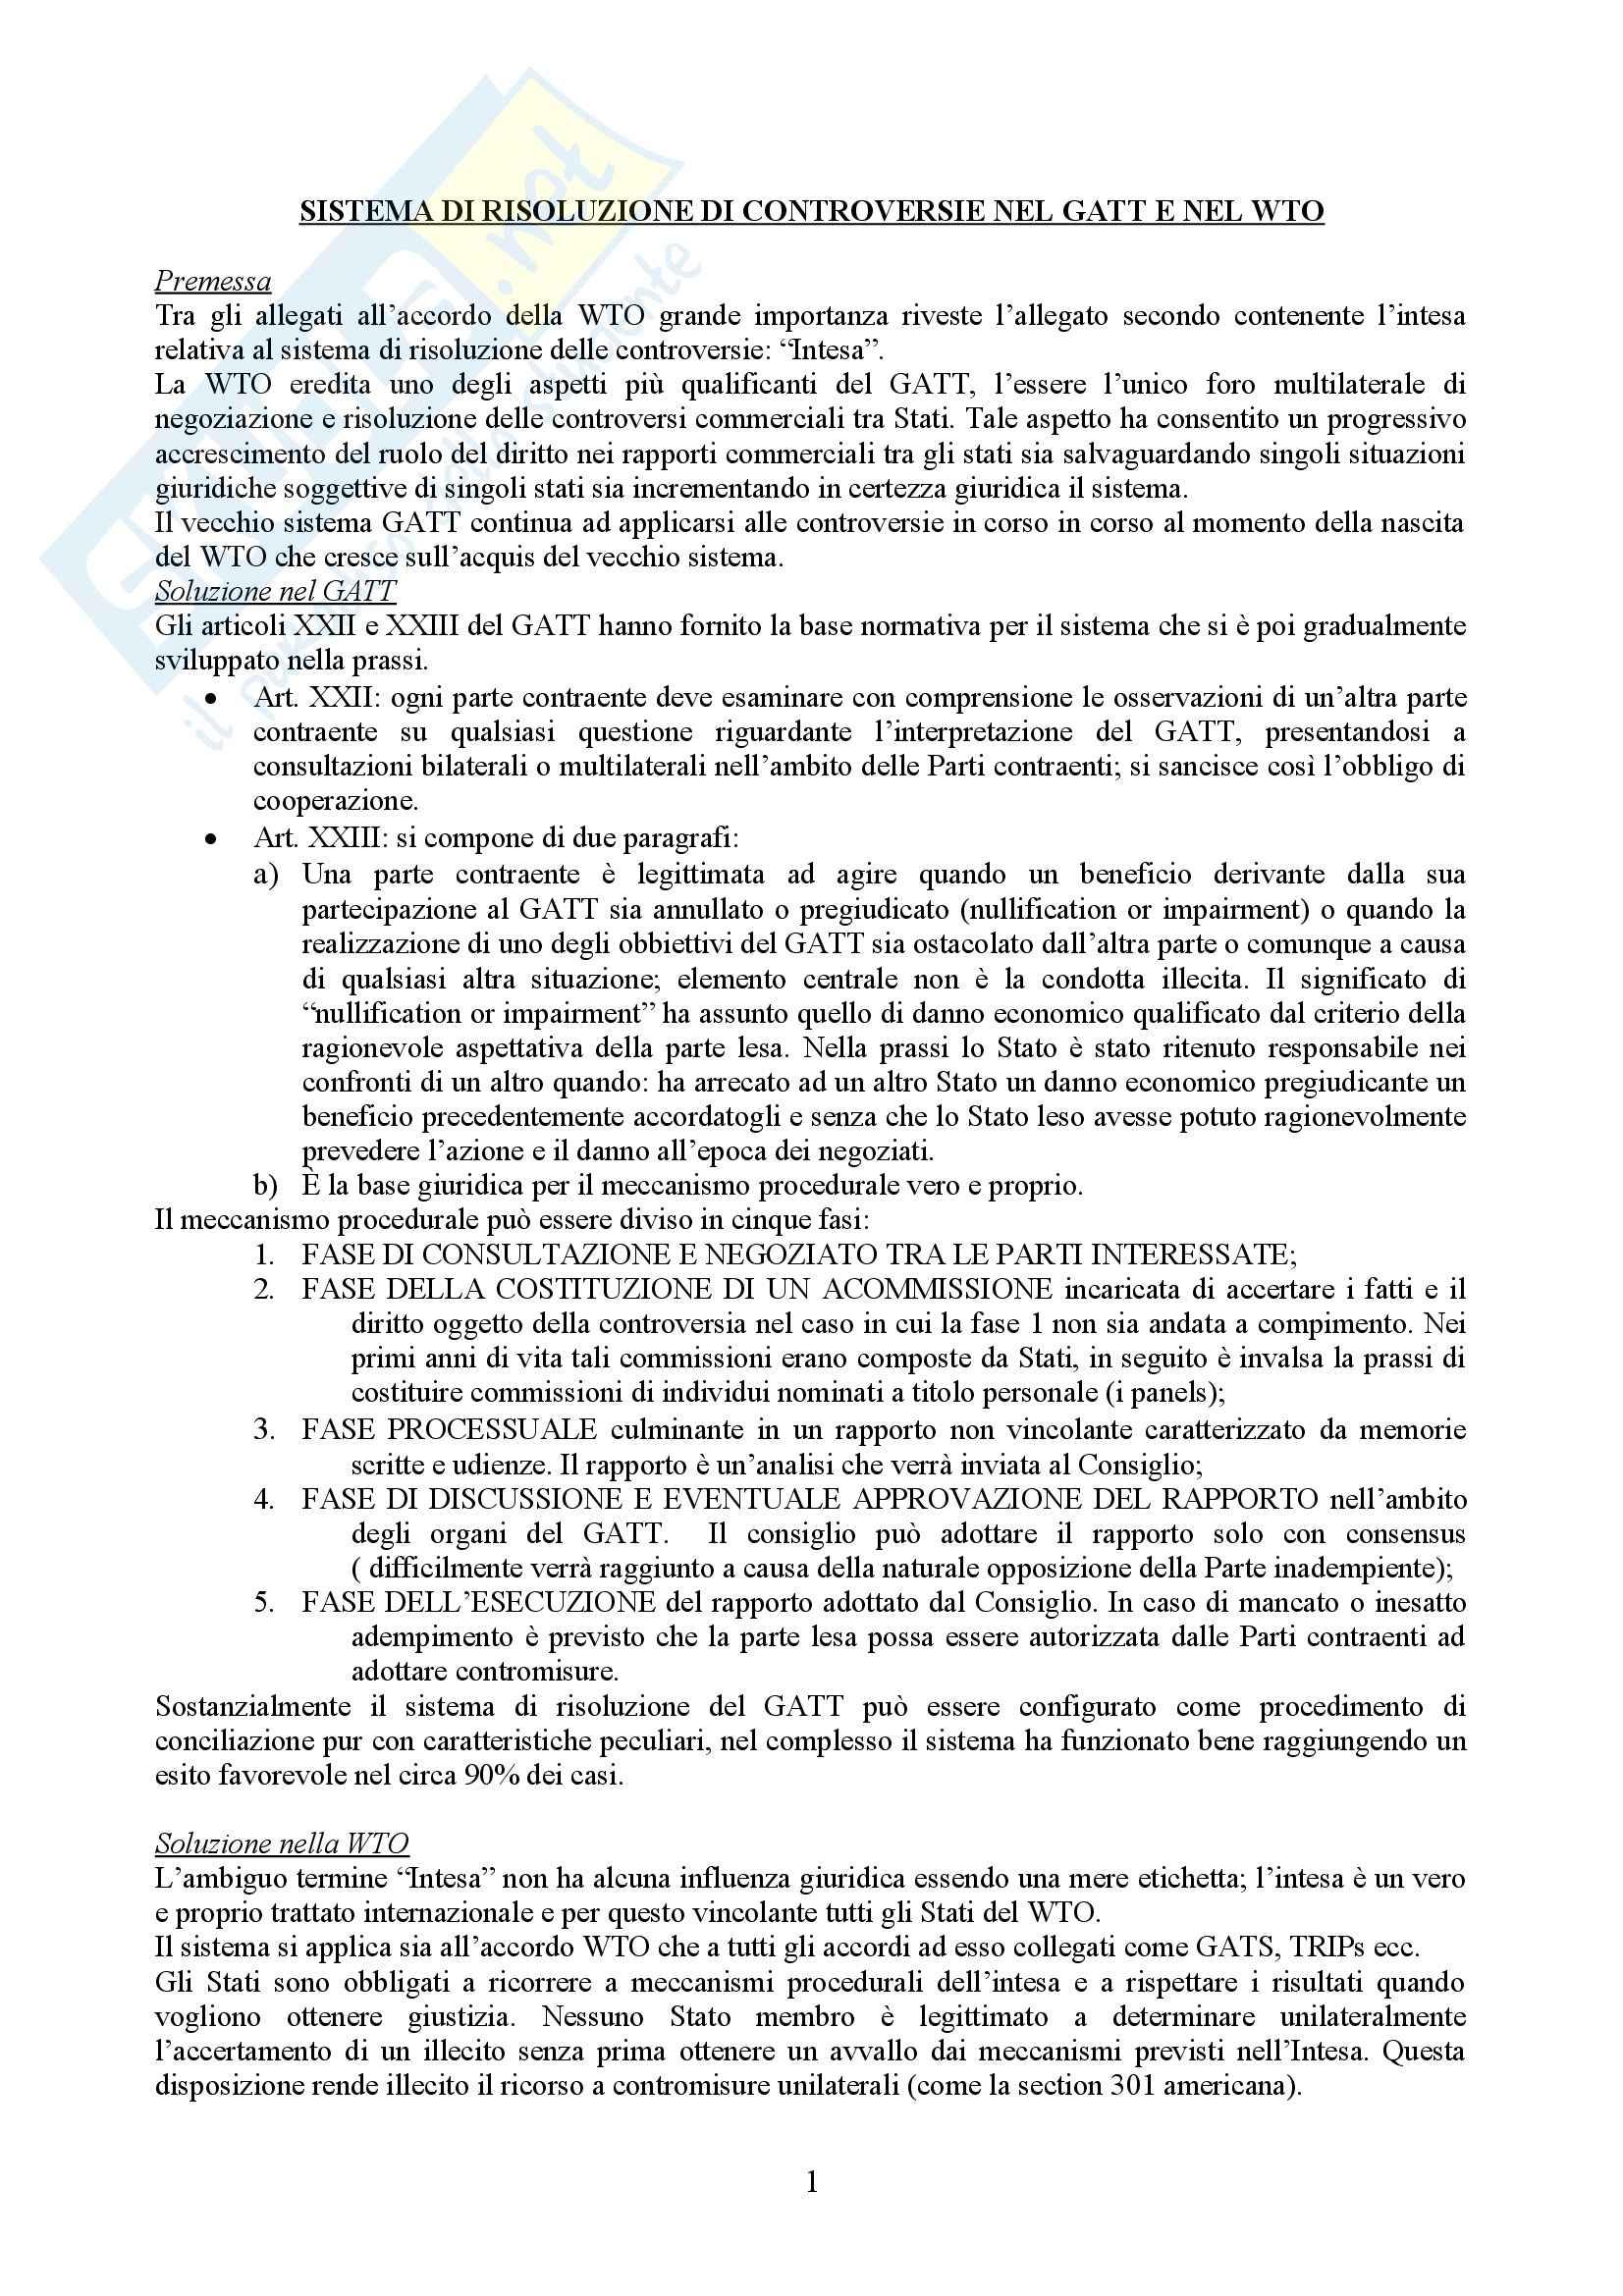 Diritto internazionale - il sistema di risoluzione delle controversie nel Gatt e nel Wto